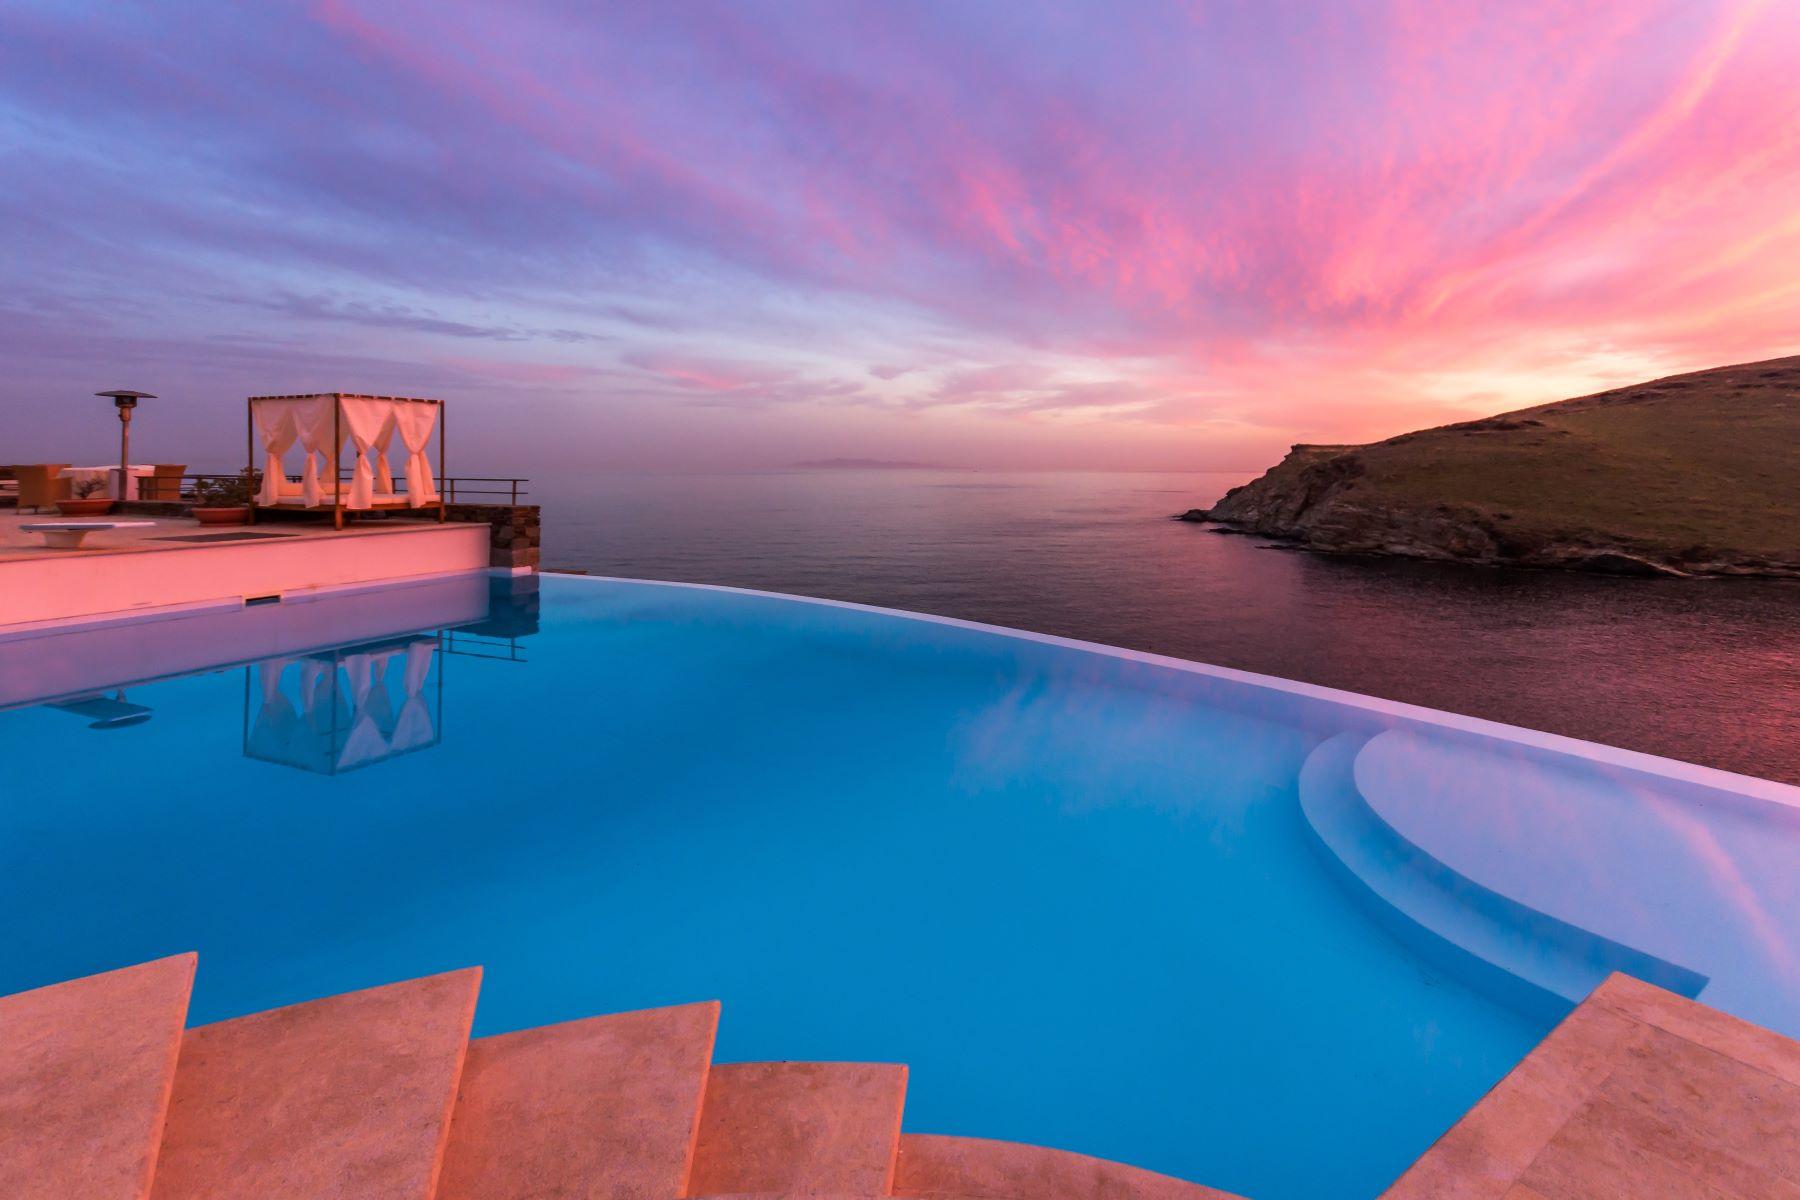 Частный односемейный дом для того Аренда на Blue Horizon Megas Gialos Blue Horizon Syros, Южная Часть Эгейского Моря, 84100 Греция